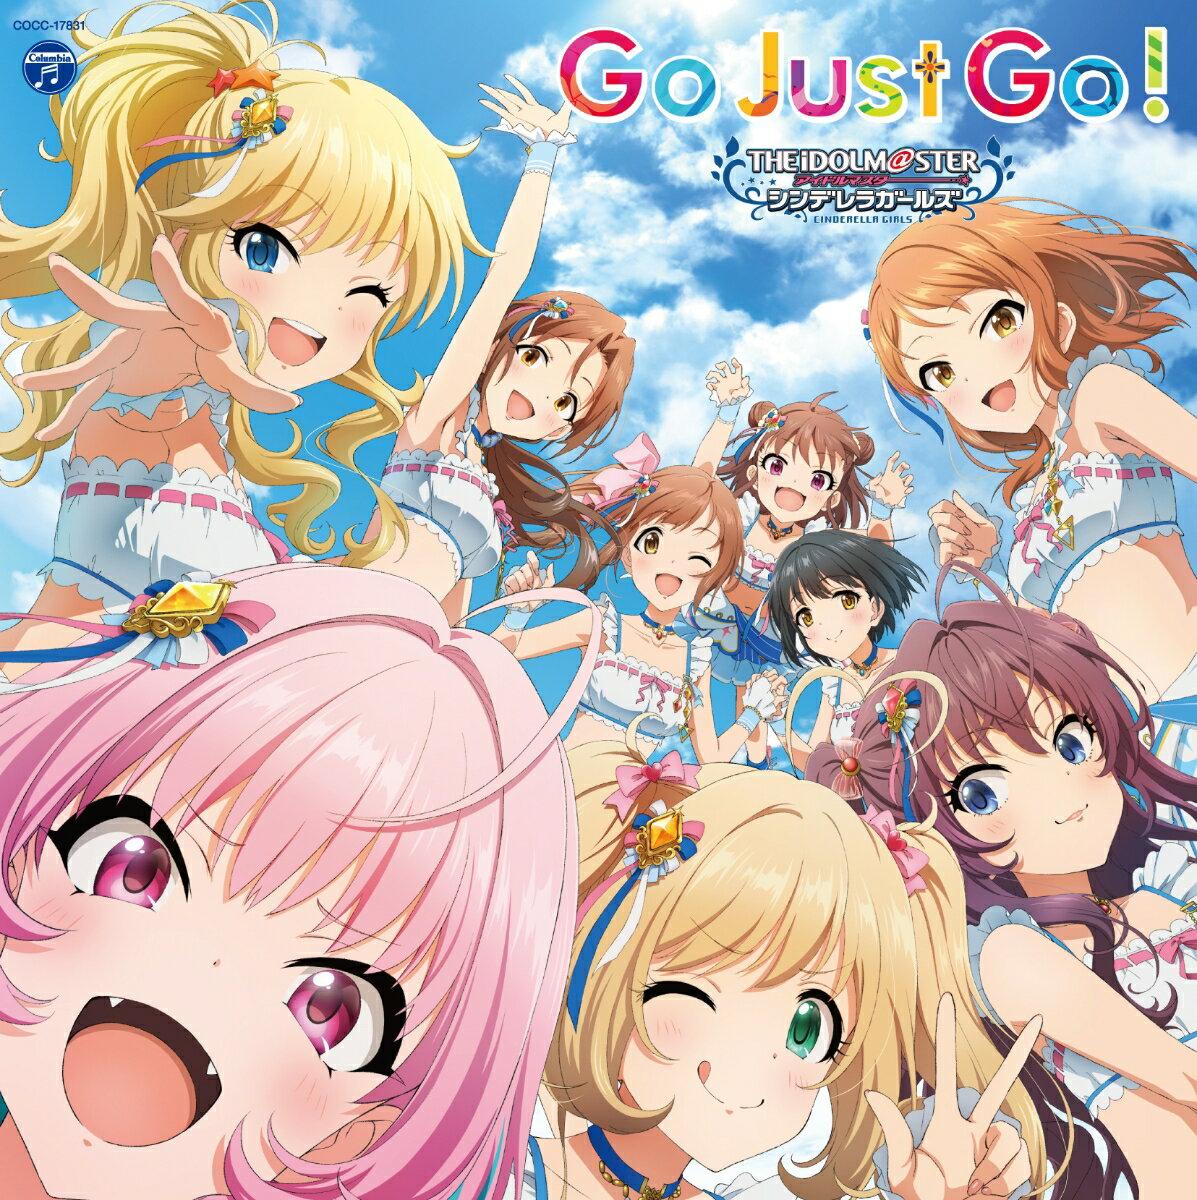 ゲームミュージック, その他 THE IDOLMSTER CINDERELLA GIRLS STARLIGHT MASTER GOLD RUSH! 01 Go Just Go! ()